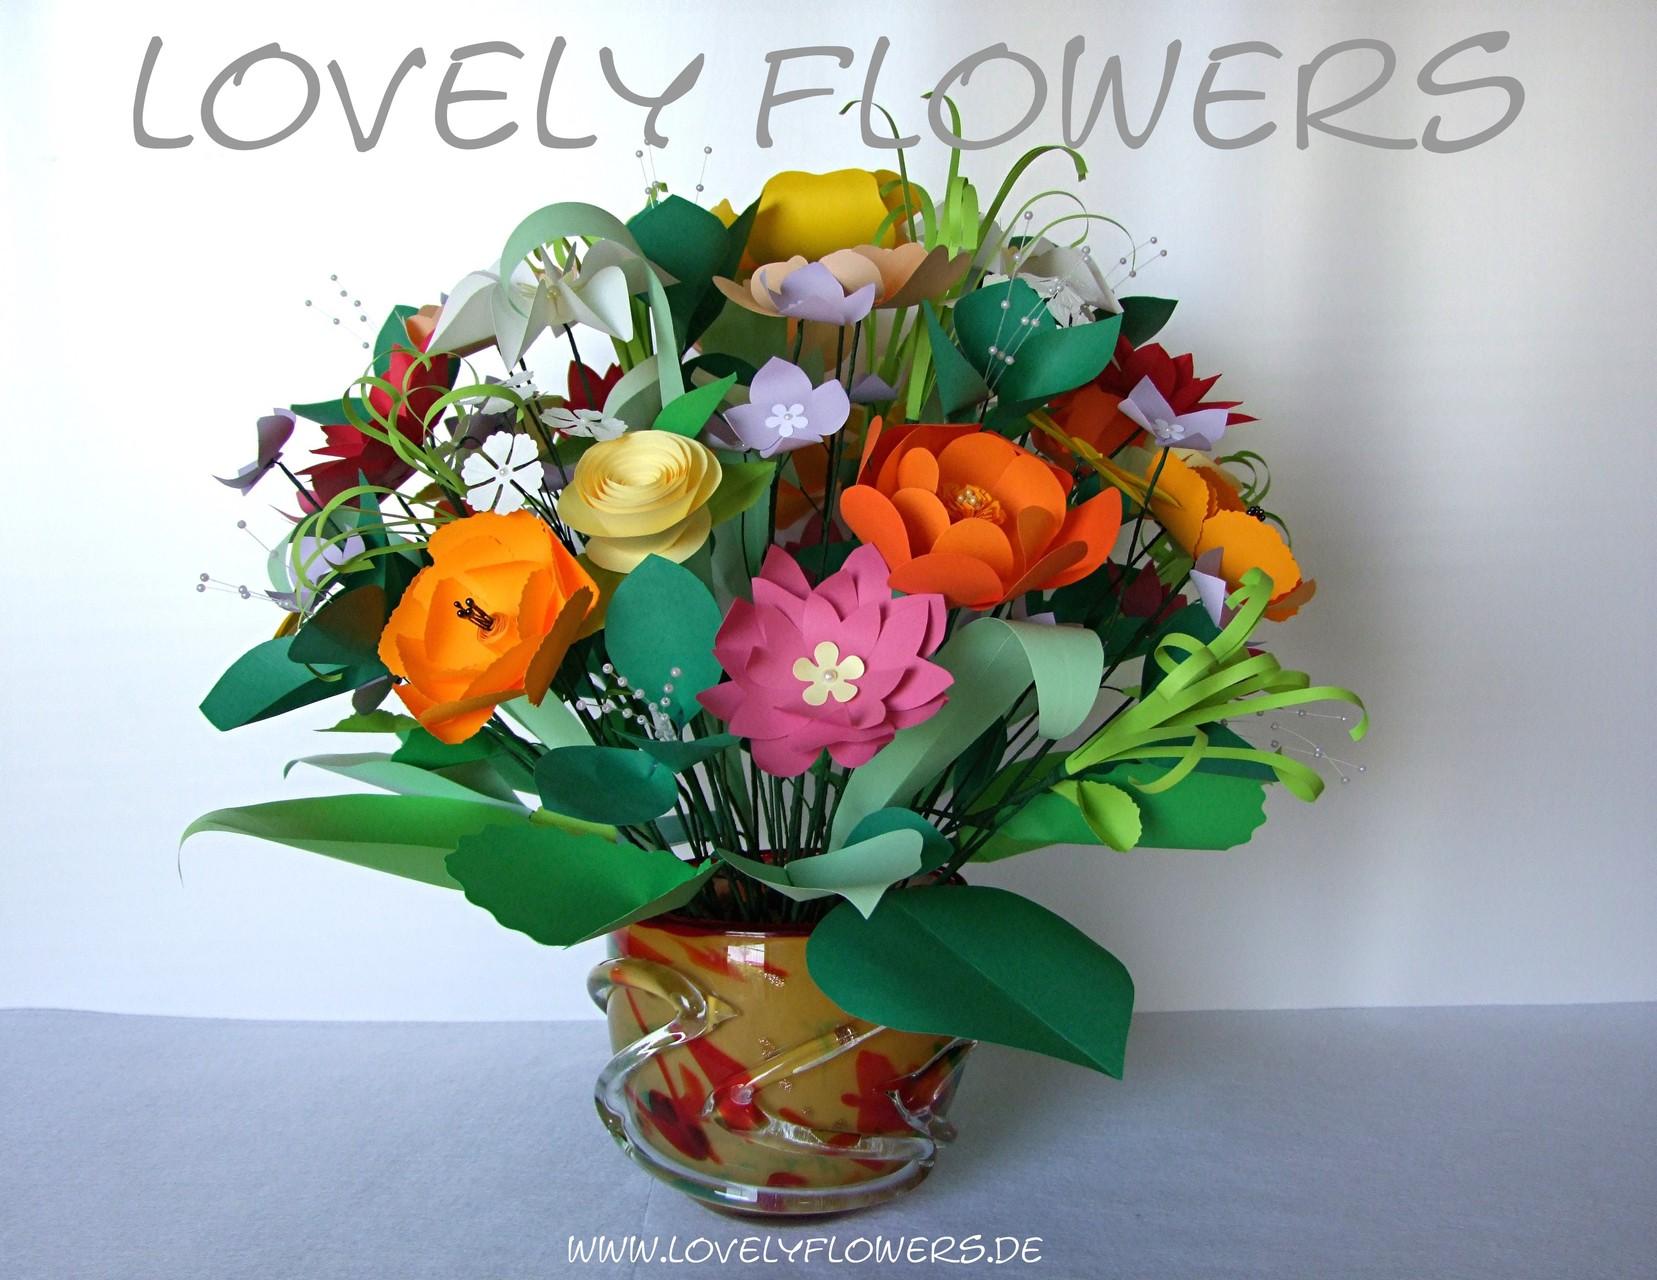 www.lovelyflowers.de - Dein Spezialist für PAPER-ART Großbouquets repräsentativer Art!